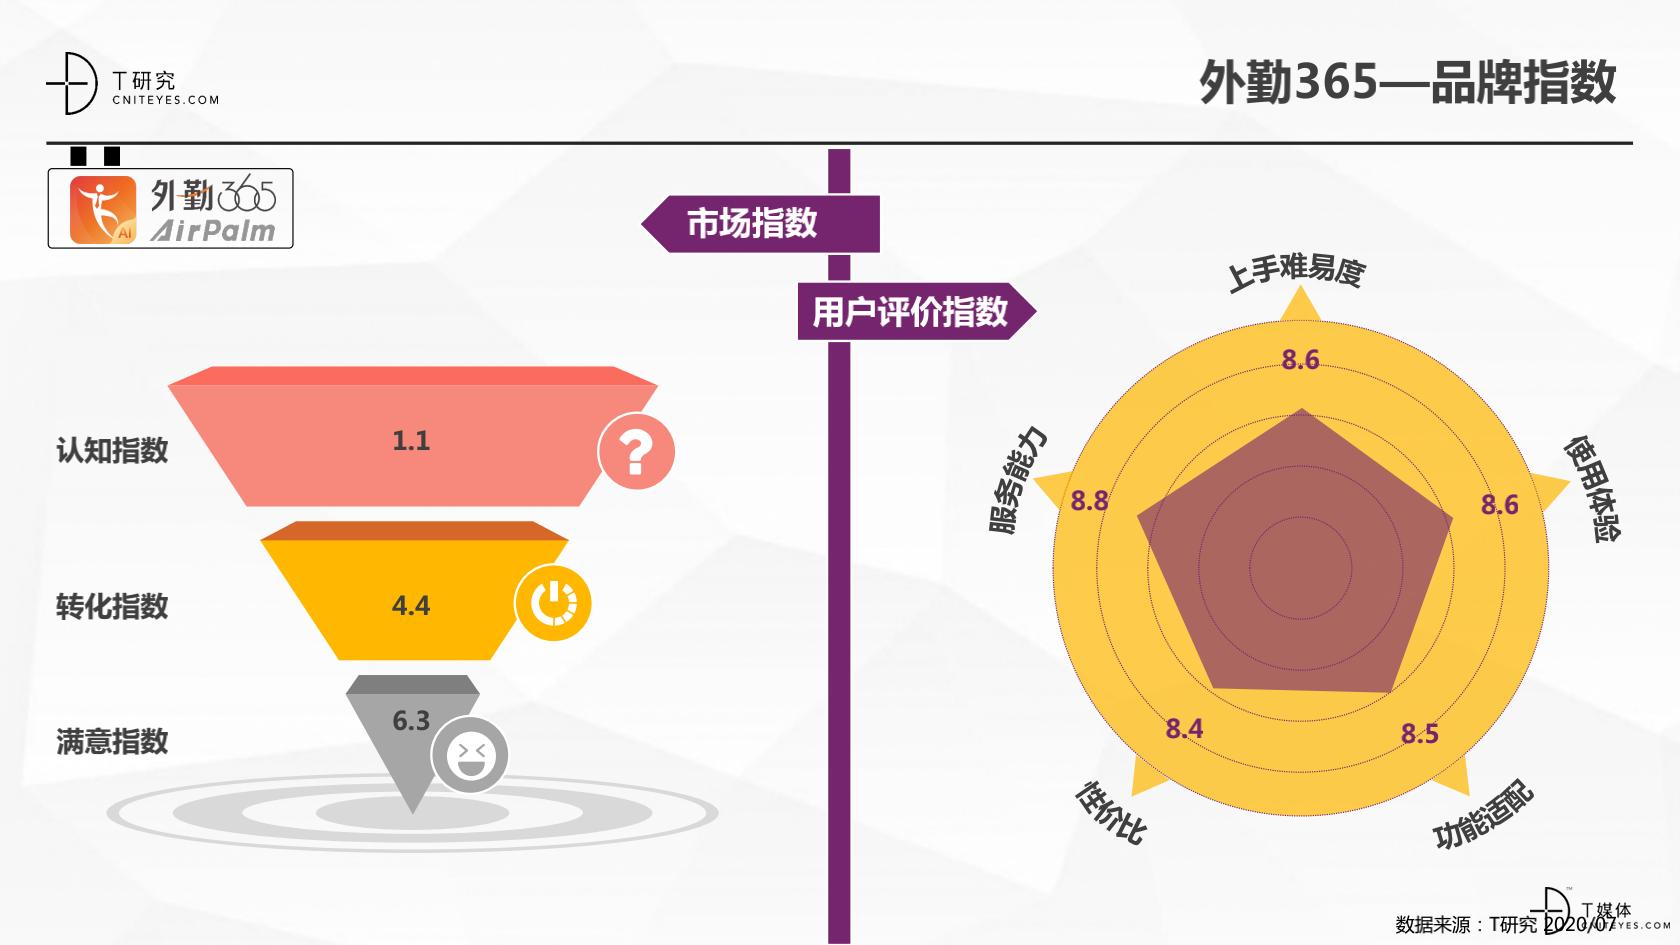 2_2020中国CRM指数测评报告v1.5_40.png